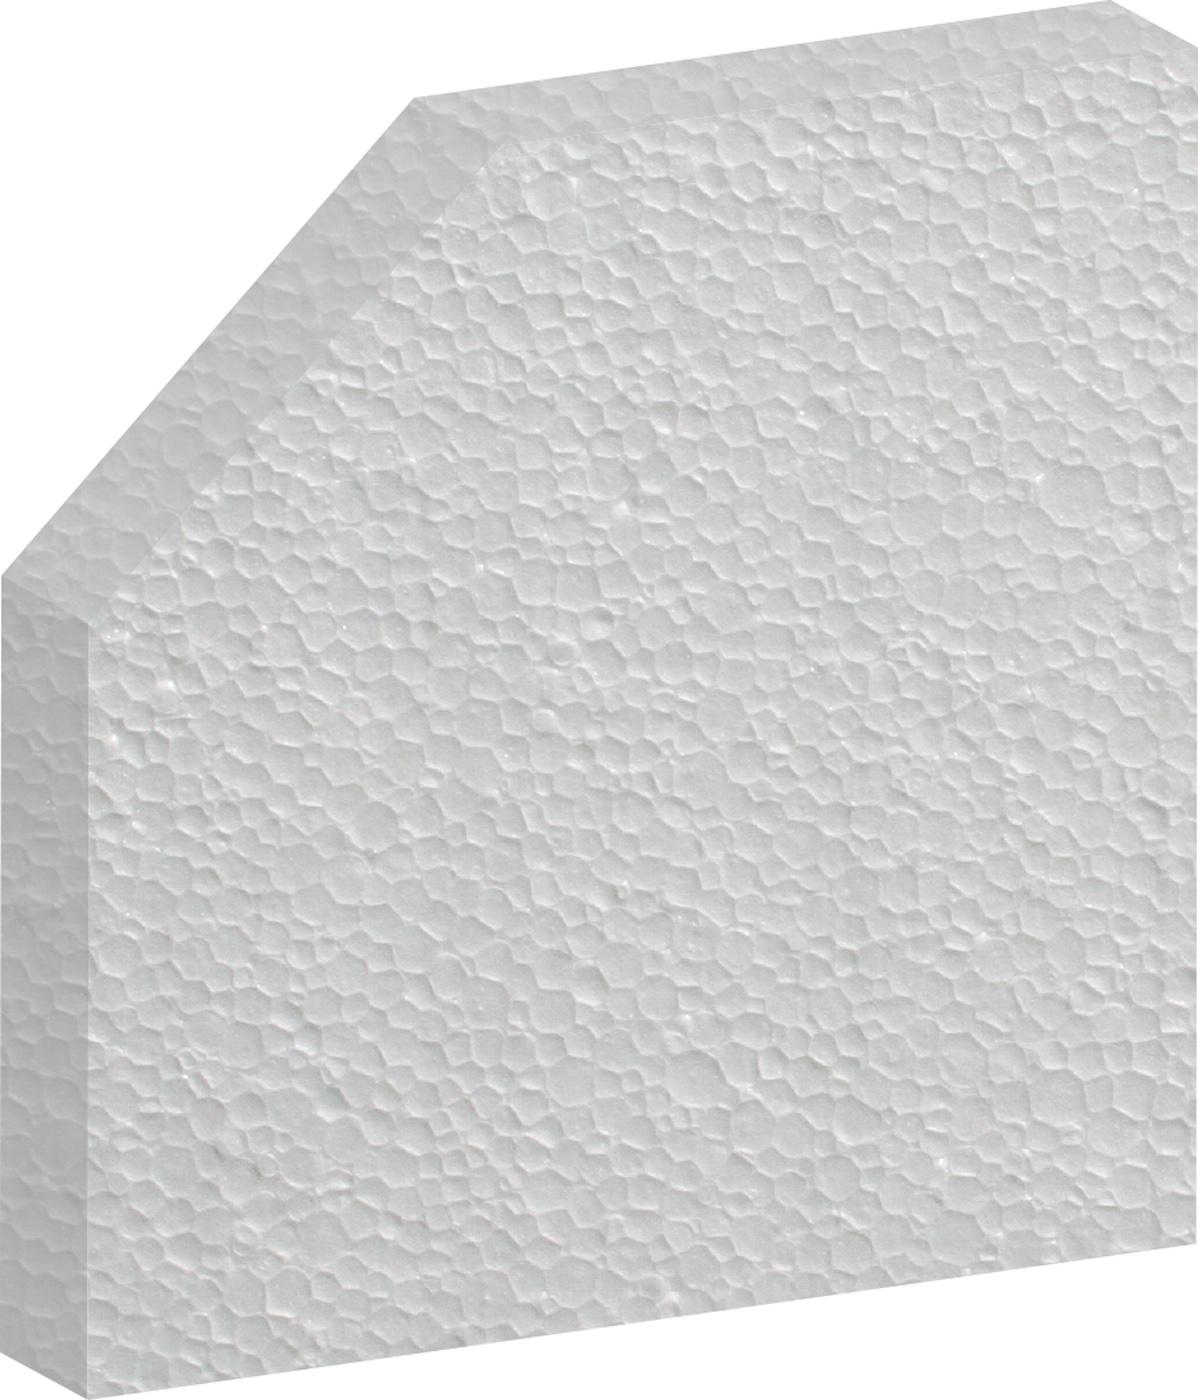 styropor blanc